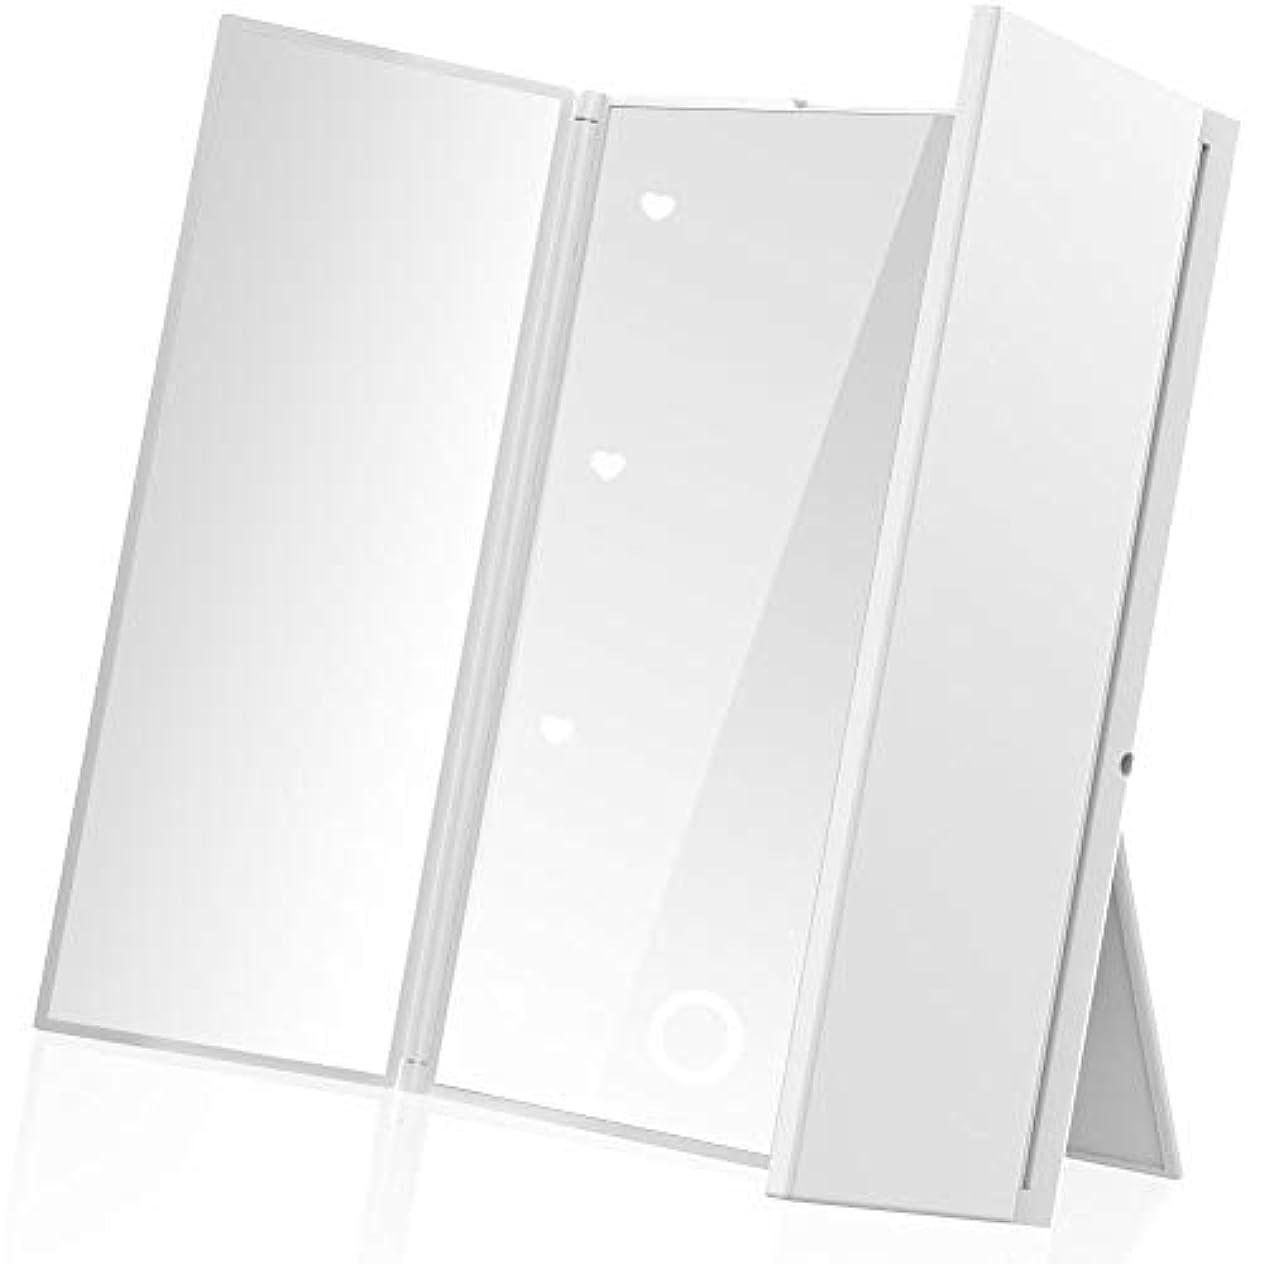 本当のことを言うと国内の教義LEEPWEI 鏡 卓上 スタンドミラー 三面鏡 化粧鏡 メイクミラー折りたたみ式 コンパックトLEDライト付き 電池型 持ち運び便利 (ホワイト)